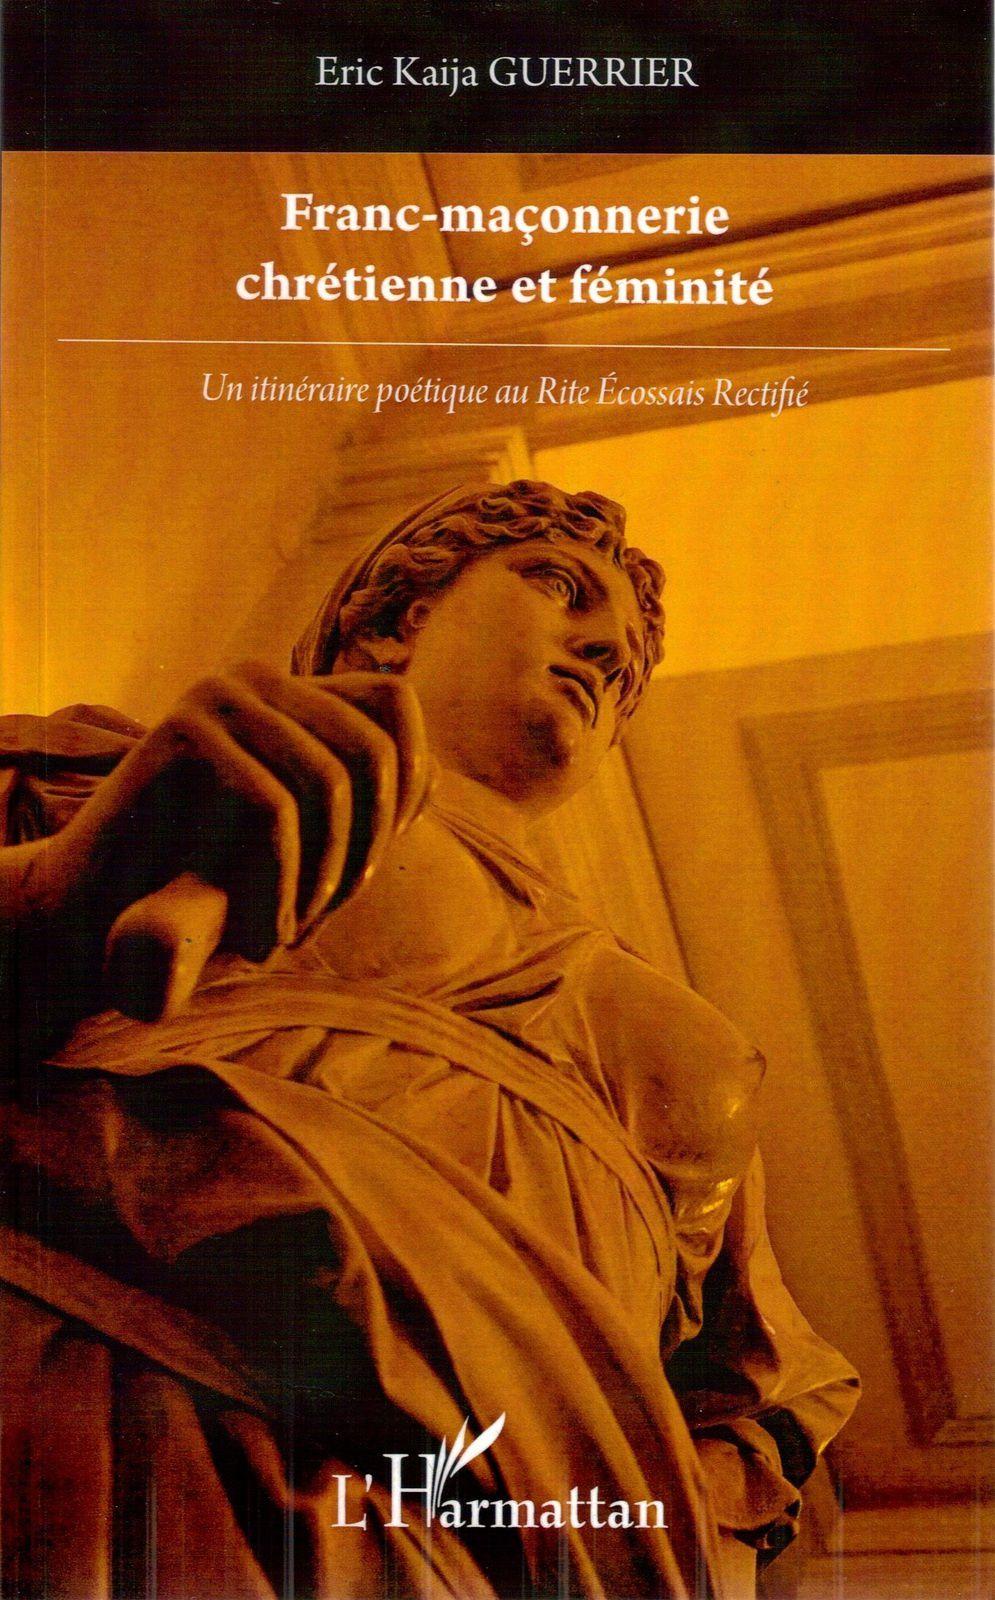 Franc-maçonnerie chrétienne et féminité - Éric Kaija GUERRIER